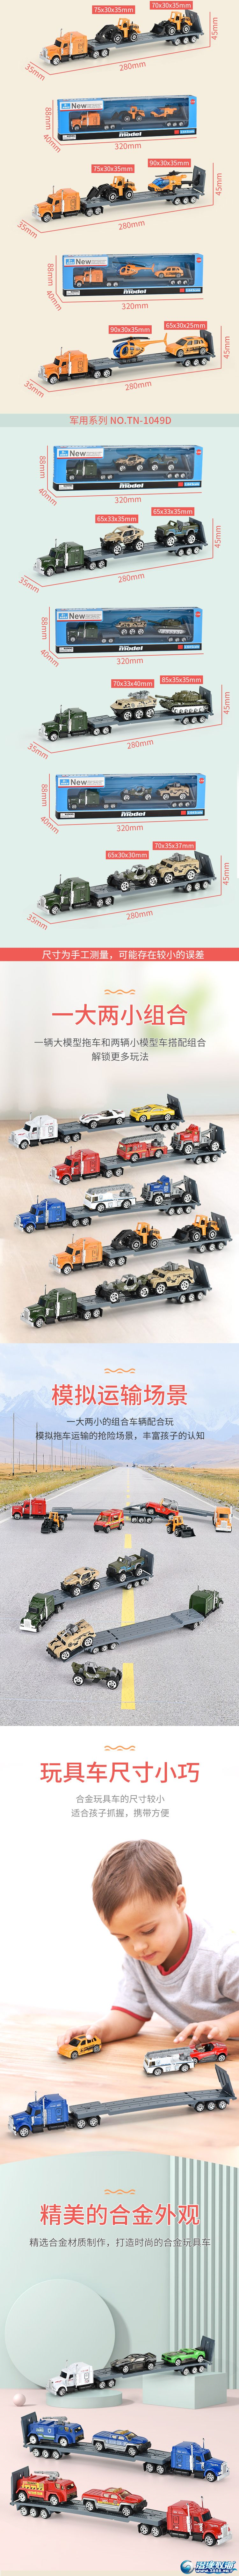 天纳玩具厂-(TN-1049)-合金车模型-中文版详情页_02.jpg